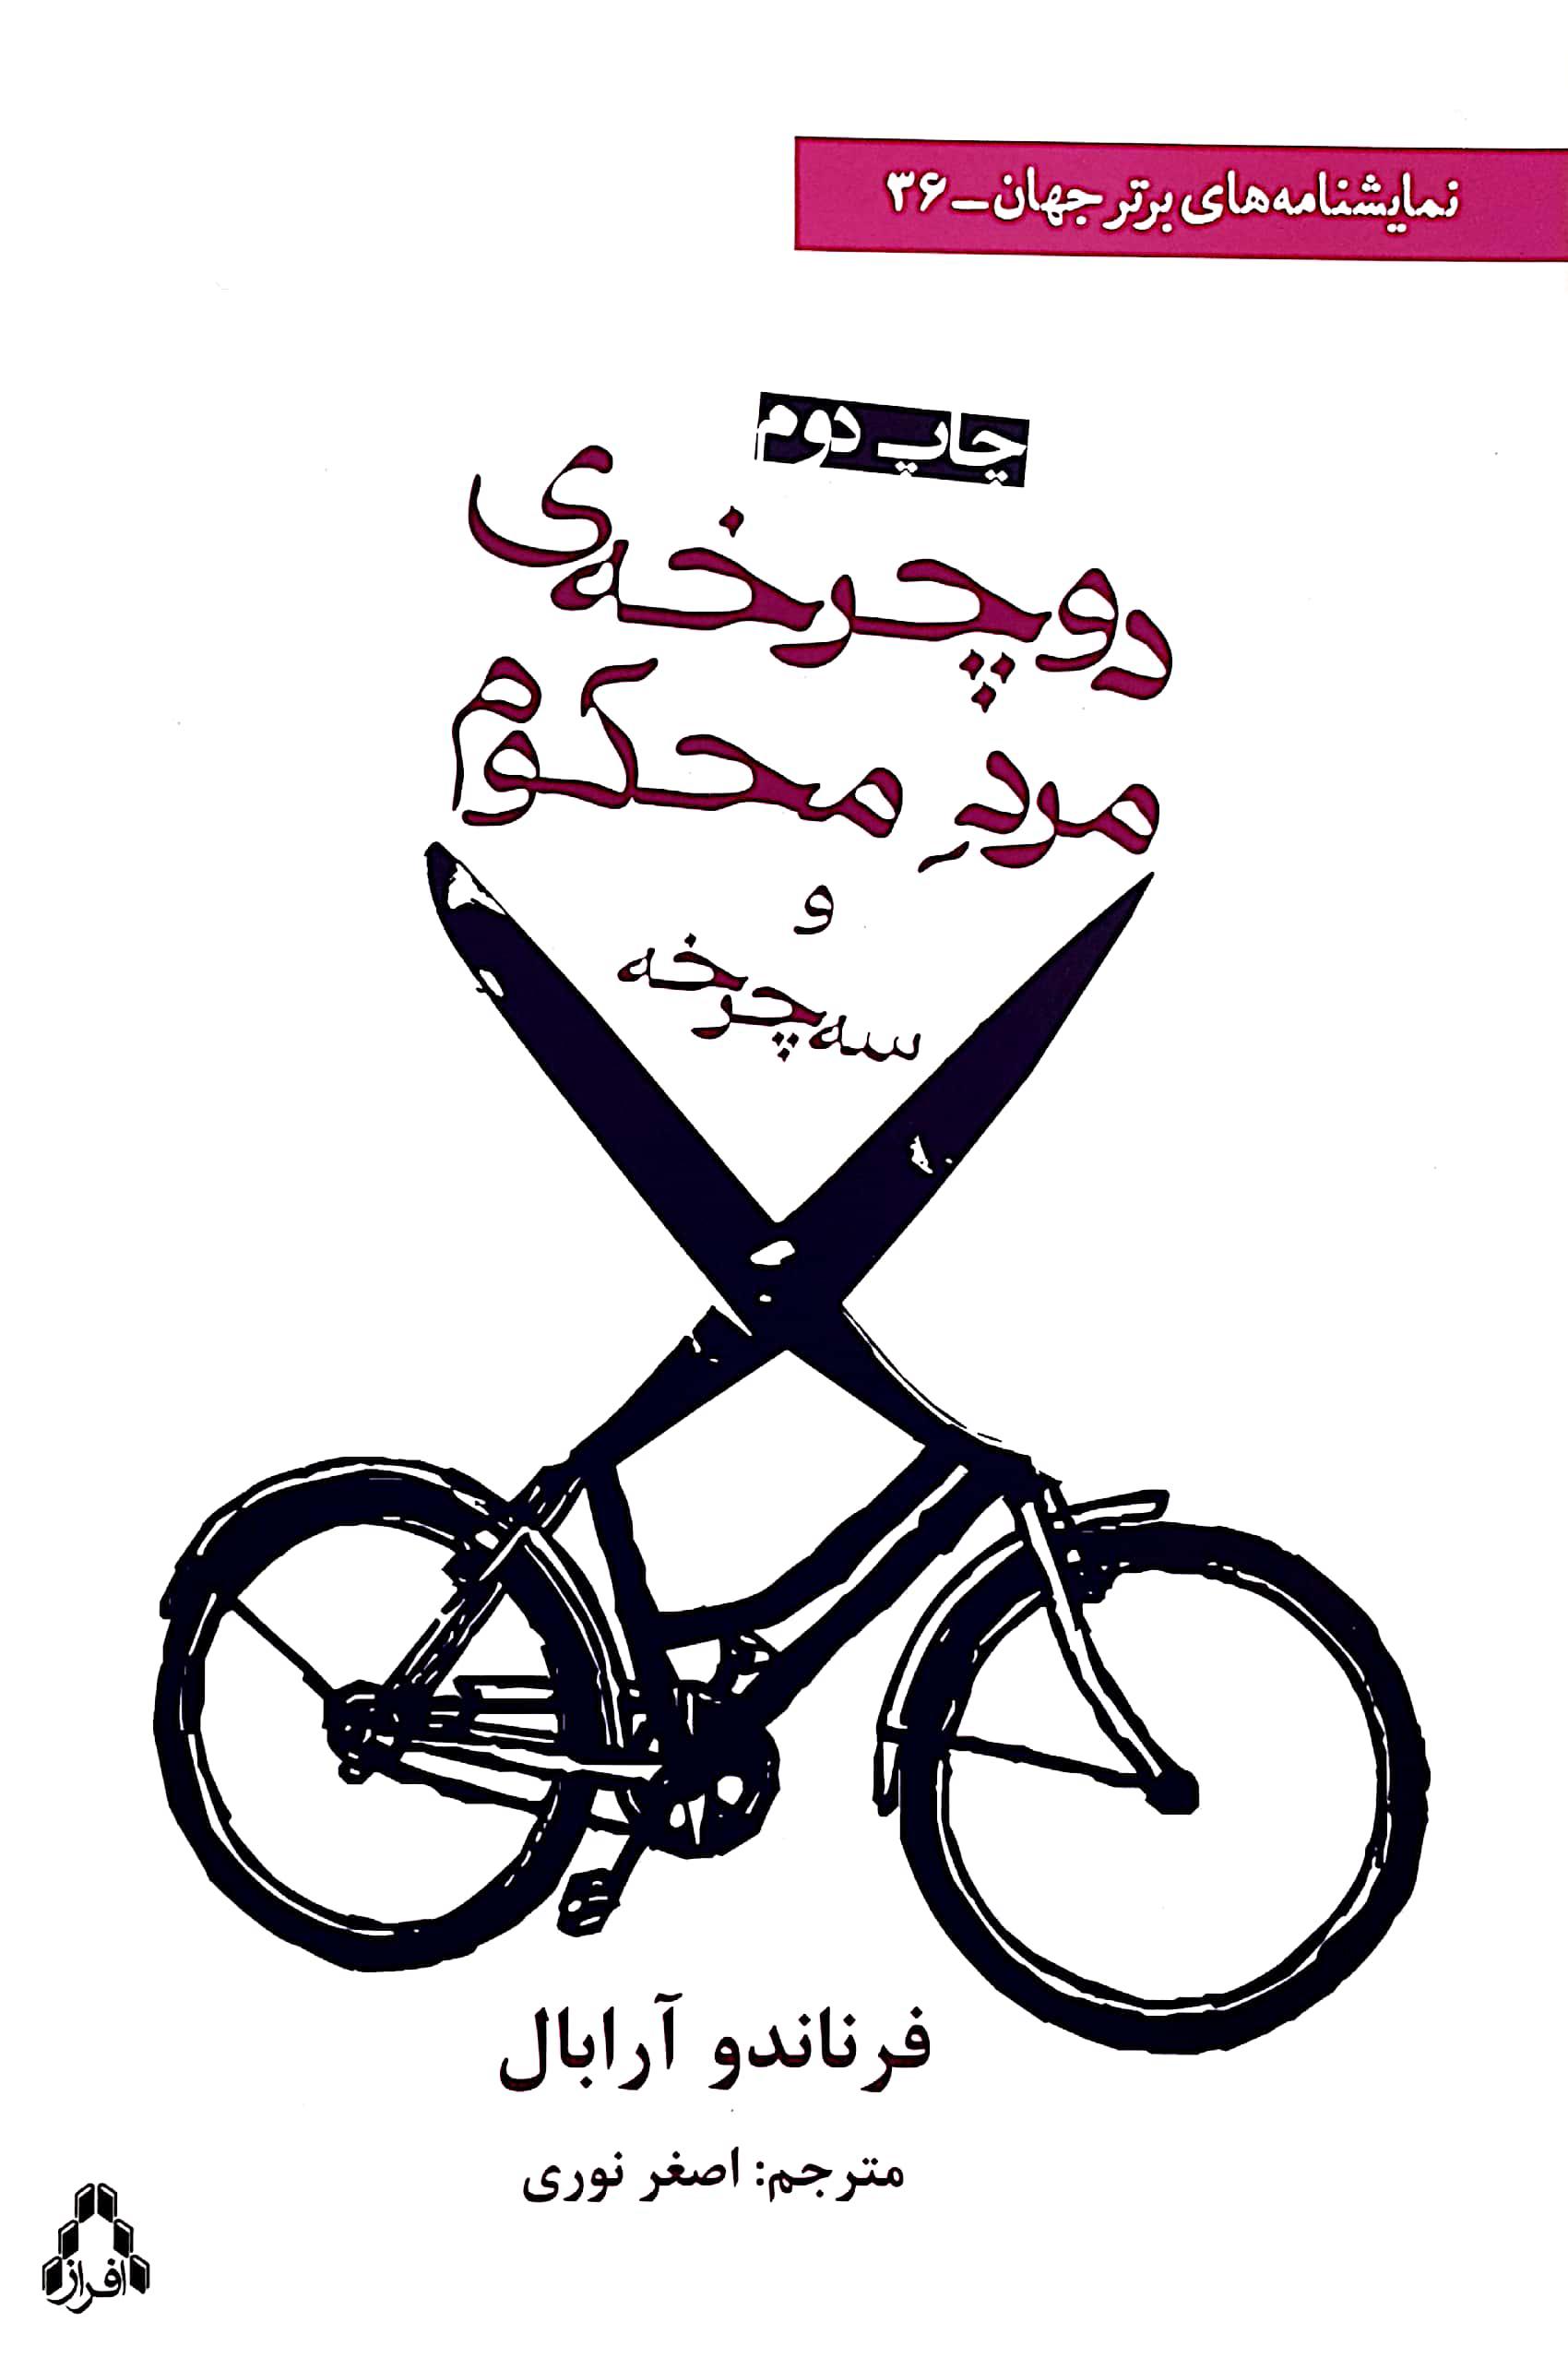 دوچرخه ی مرد محکوم و سه چرخه (نمایشنامه های برتر جهان36)